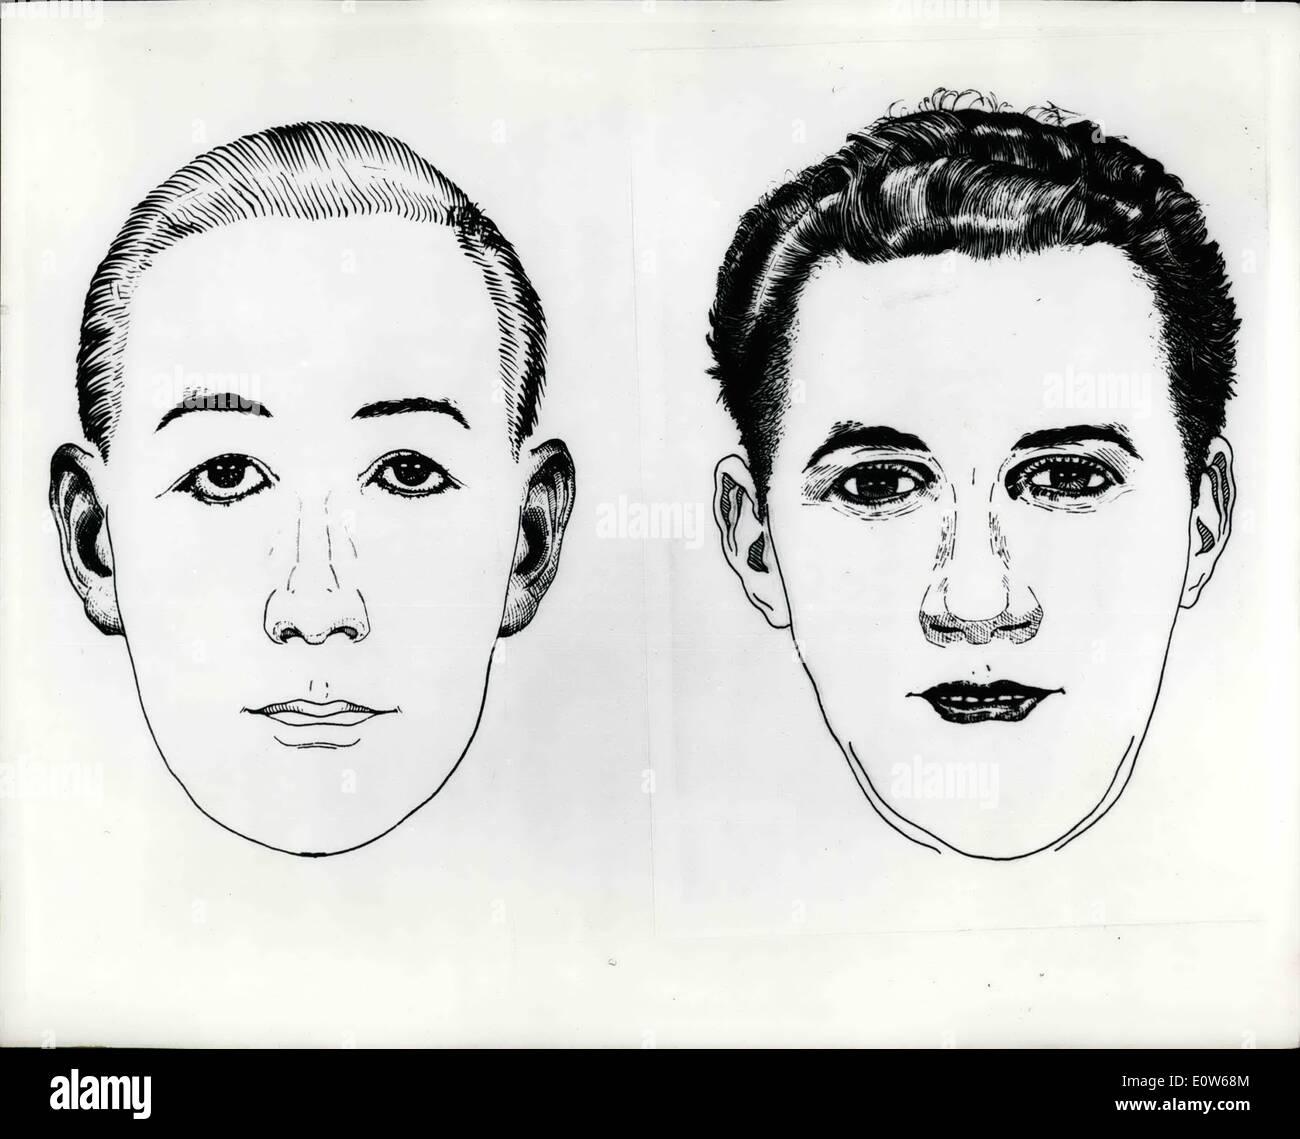 Agosto 08, 1961 - Scotland Yard PROBLEMI DI IMMAGINE UOMO ricercato per un interrogatorio IN CONNESSIONE CON LA A6 uccidendo: Scotland Yard più tardi ha rilasciato oggi un ''l'Identi-Kit'' immagine dell' uomo che cercano in connessione con l' assassinio di un automobilista sulla autostrada A6 la scorsa settimana. L'immagine prodotta da uno speciale kit americana, era ''perforato'' insieme dalla descrizione data da una ragazza che è stato girato e tremendamente ferito dalla pistolero. La foto mostra: l'identi-kit foto dell'uomo ricercato per un interrogatorio da Scotland Yard. Immagini Stock